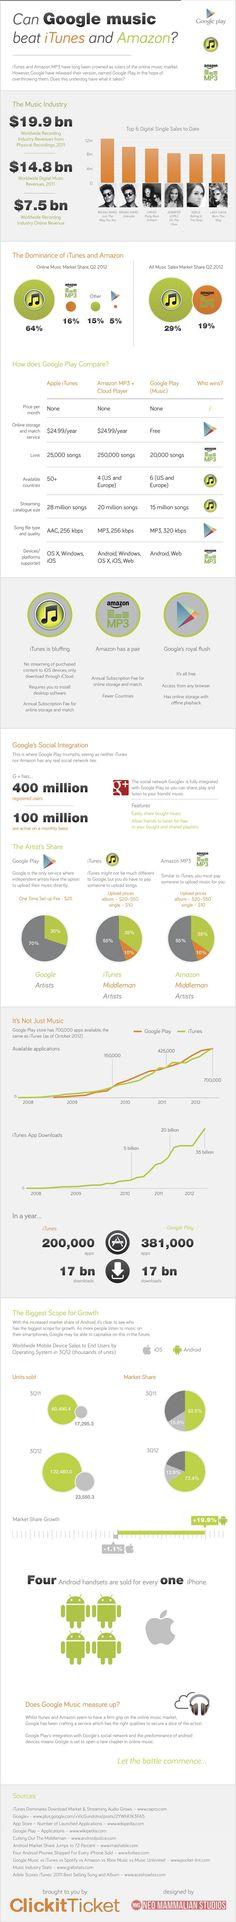 La rivalidad entre servicios musicales en la nube – infografía